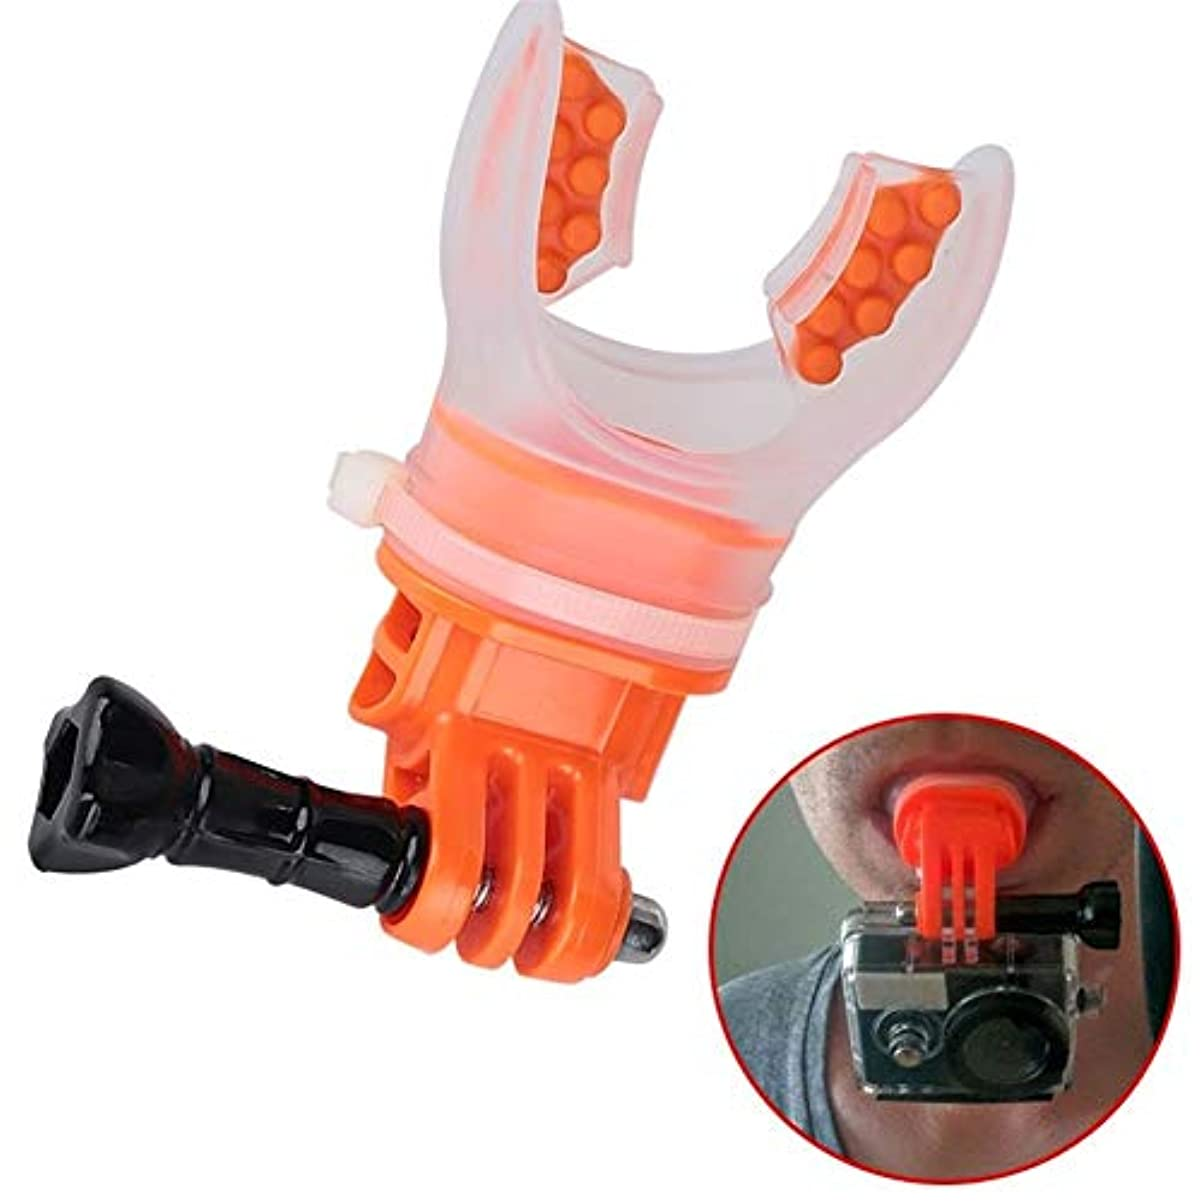 サーフダイビングプロテクションカメラダイビングマスク水中アクセサリーセット g5y9k2i3rw1